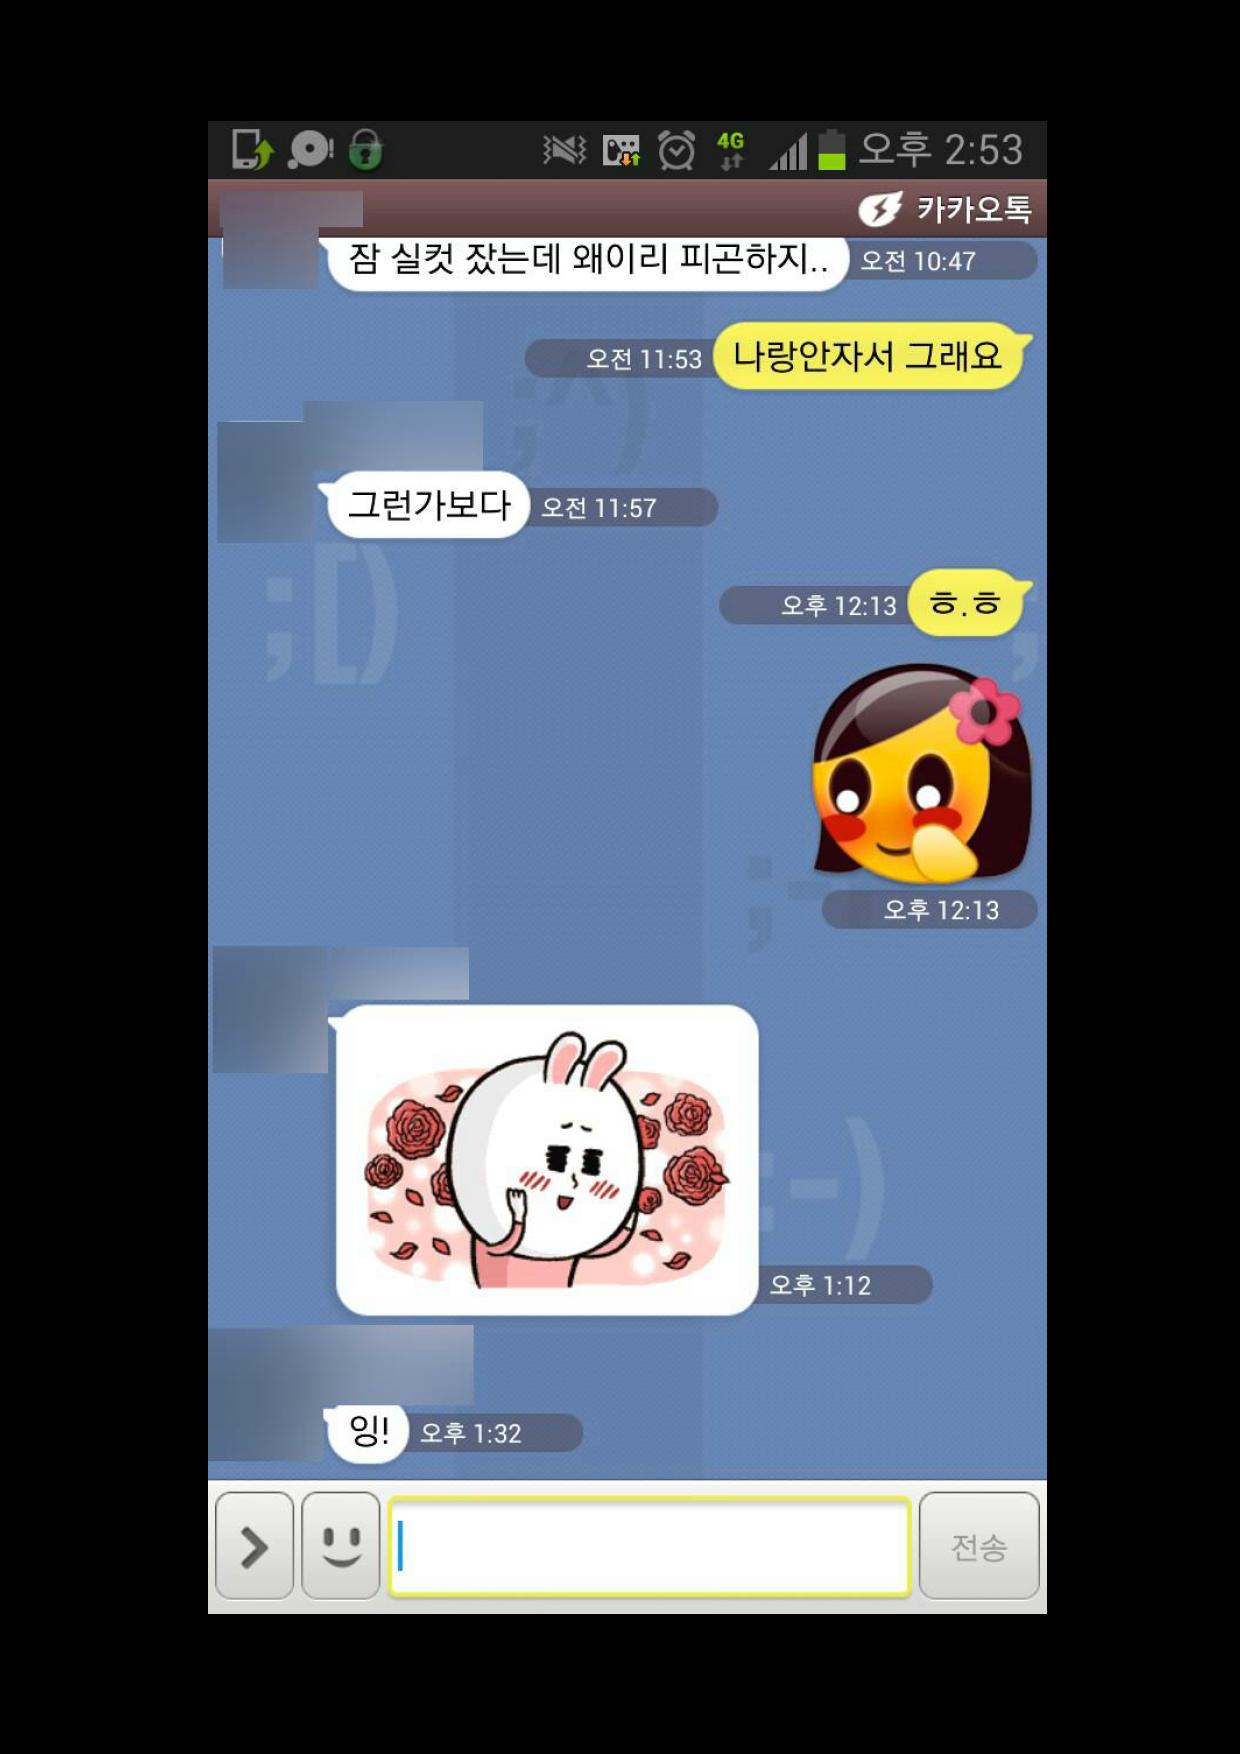 본 머티리어 1회차 홍보글 v3(수강후기 따로 편집요함)_21.png